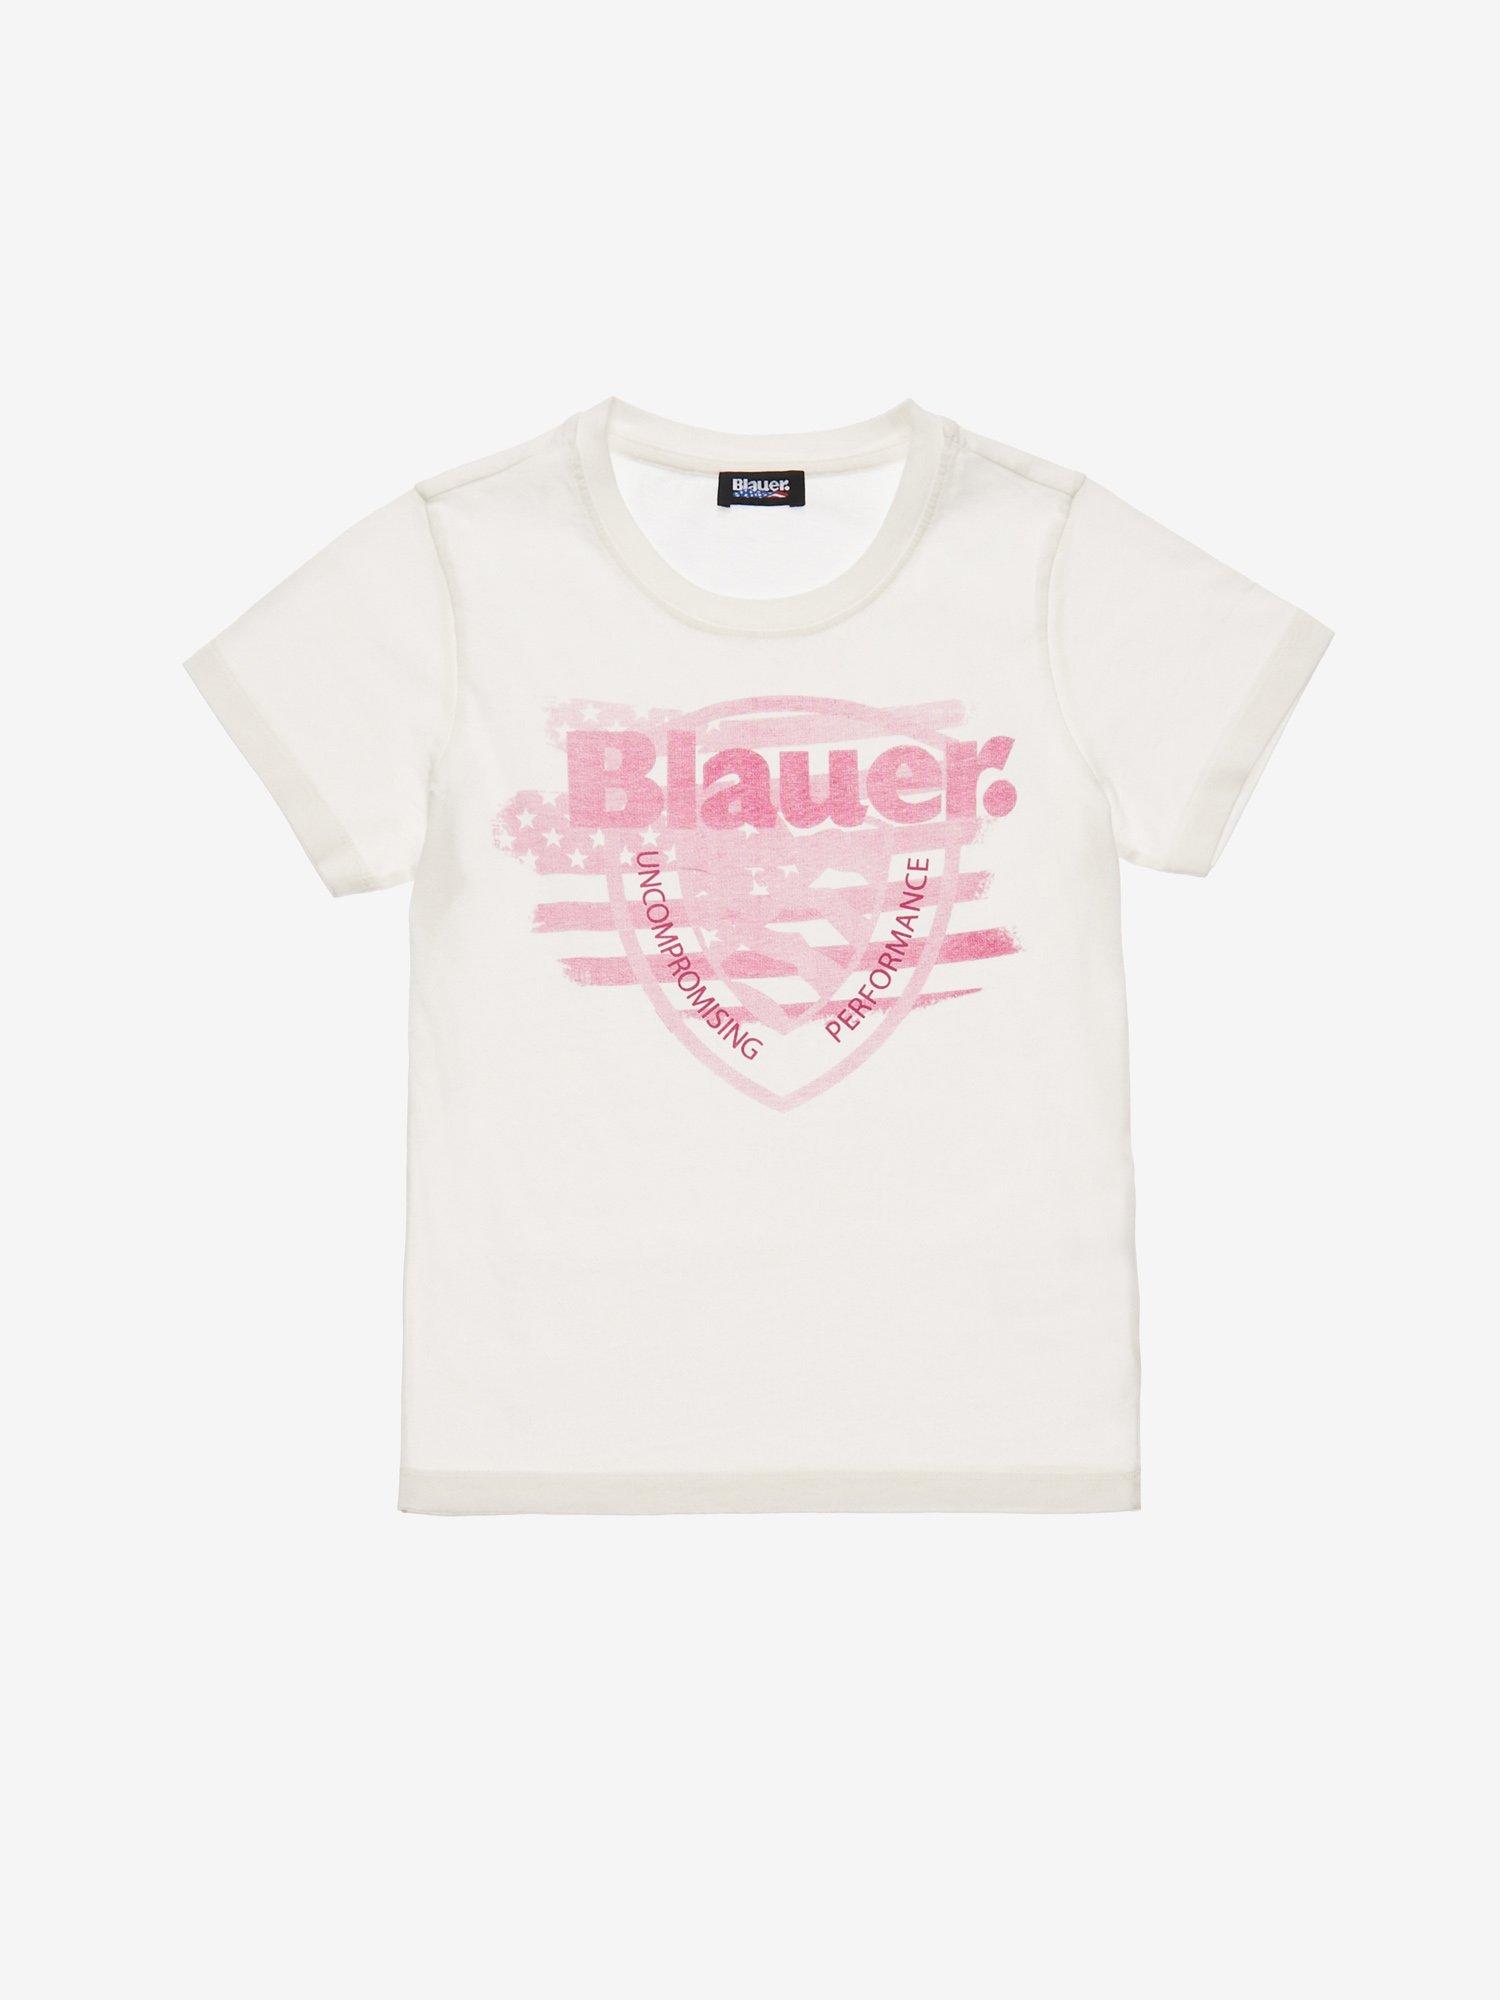 T-SHIRT JUNIOR SCUDO BLAUER USA - Blauer